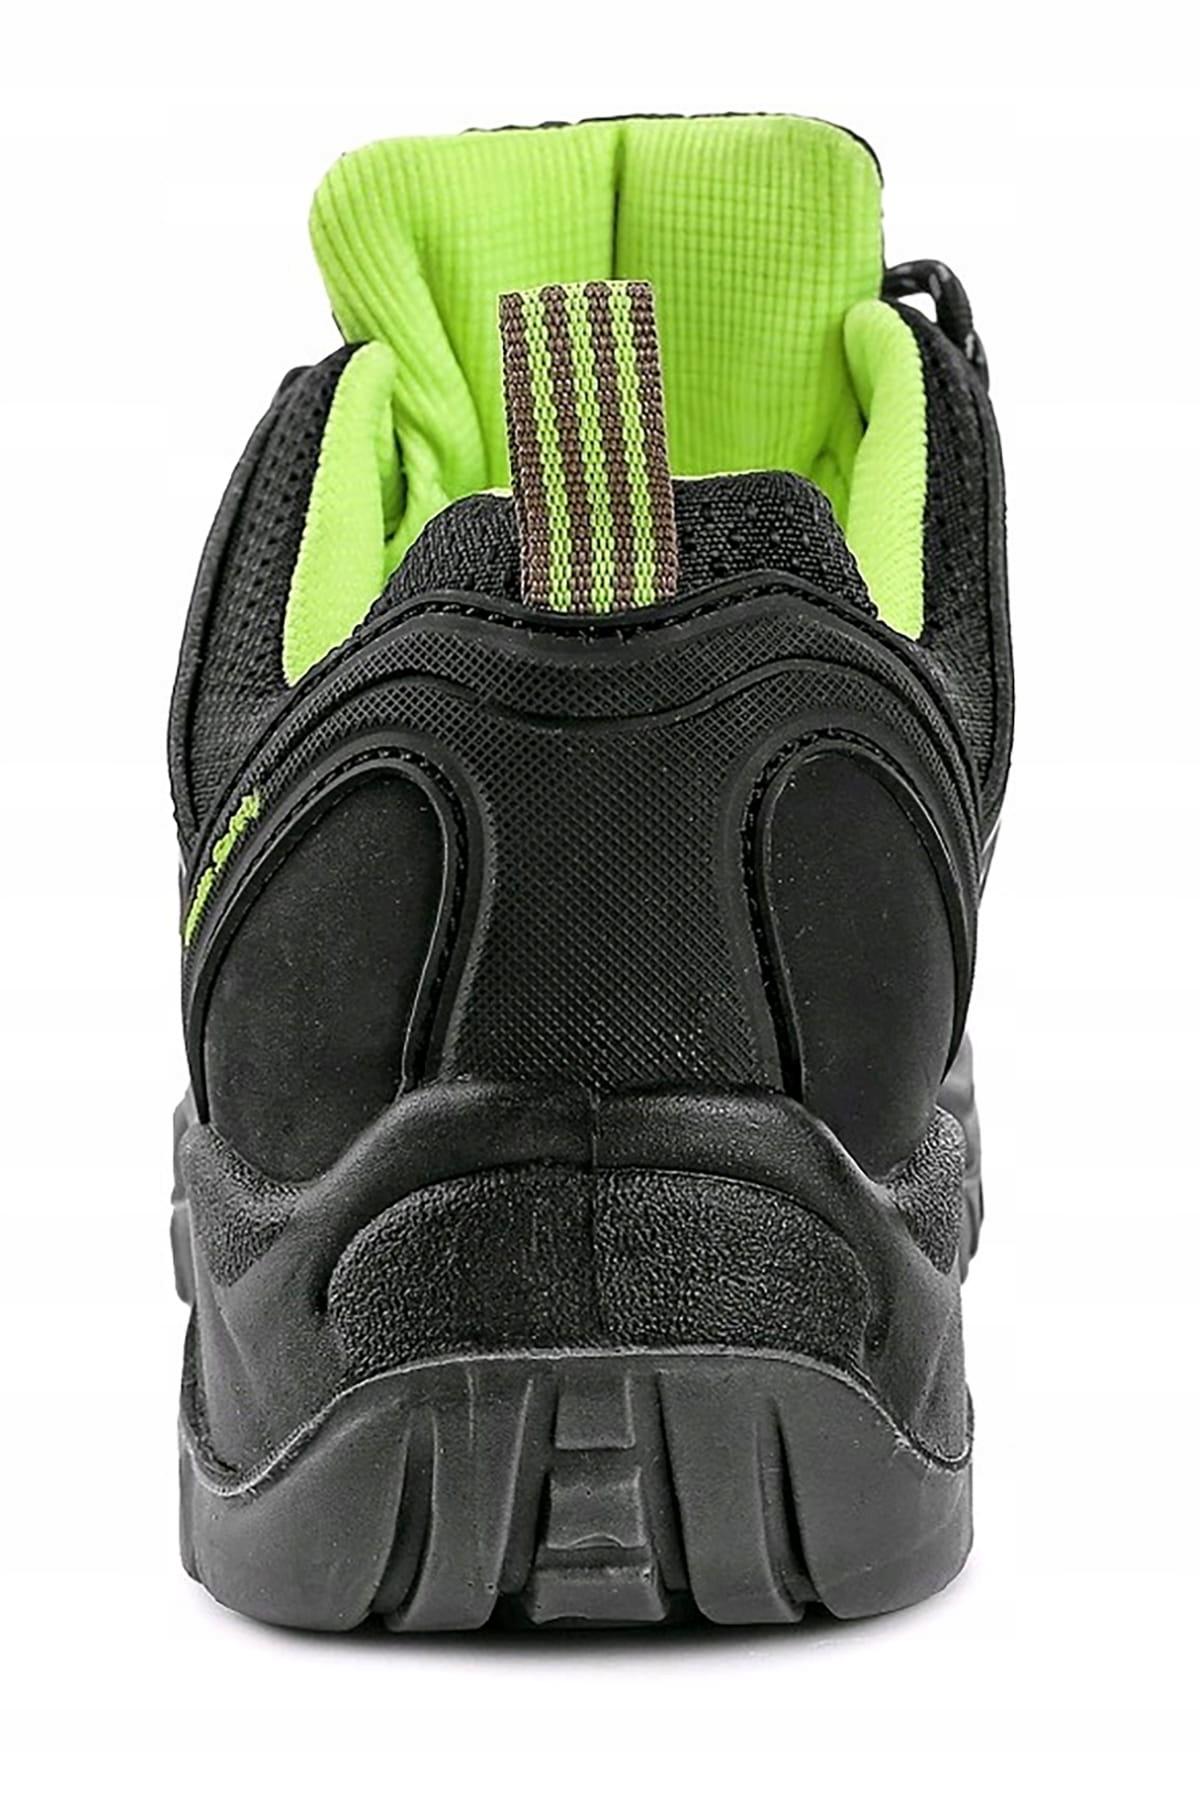 Buty robocze półbuty UNIVERSE COMET S3 CXS #41 Przeznaczenie robocze